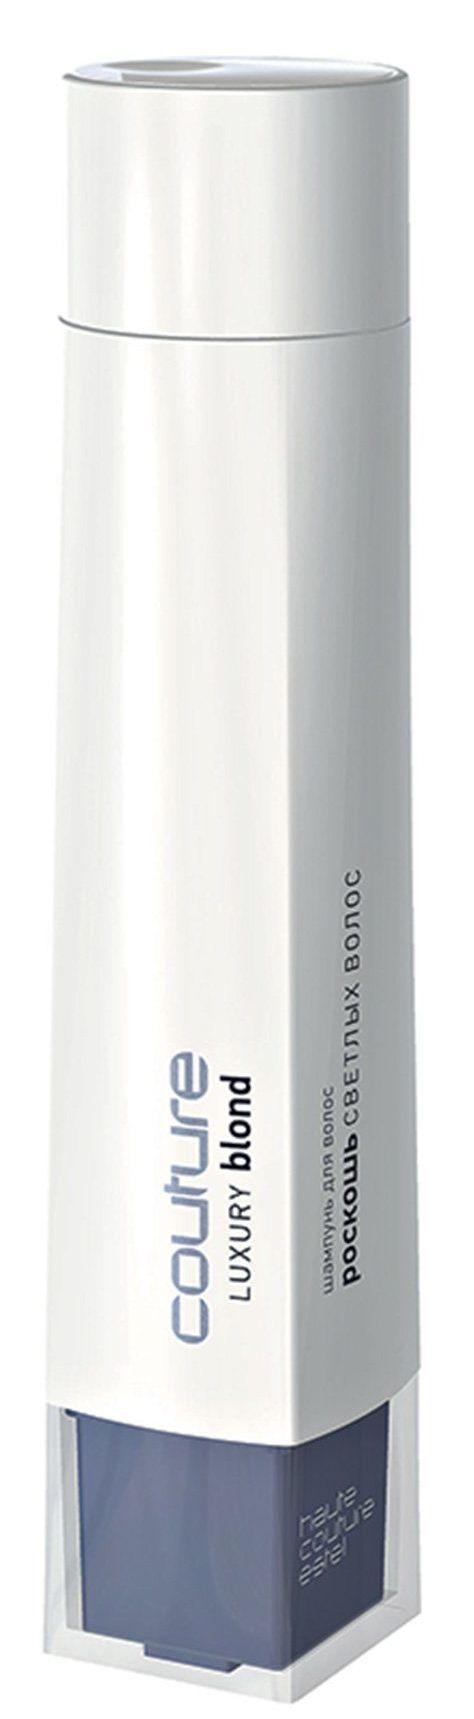 Купить ESTEL HAUTE COUTURE Шампунь для волос / LUXURY BLOND 250 мл